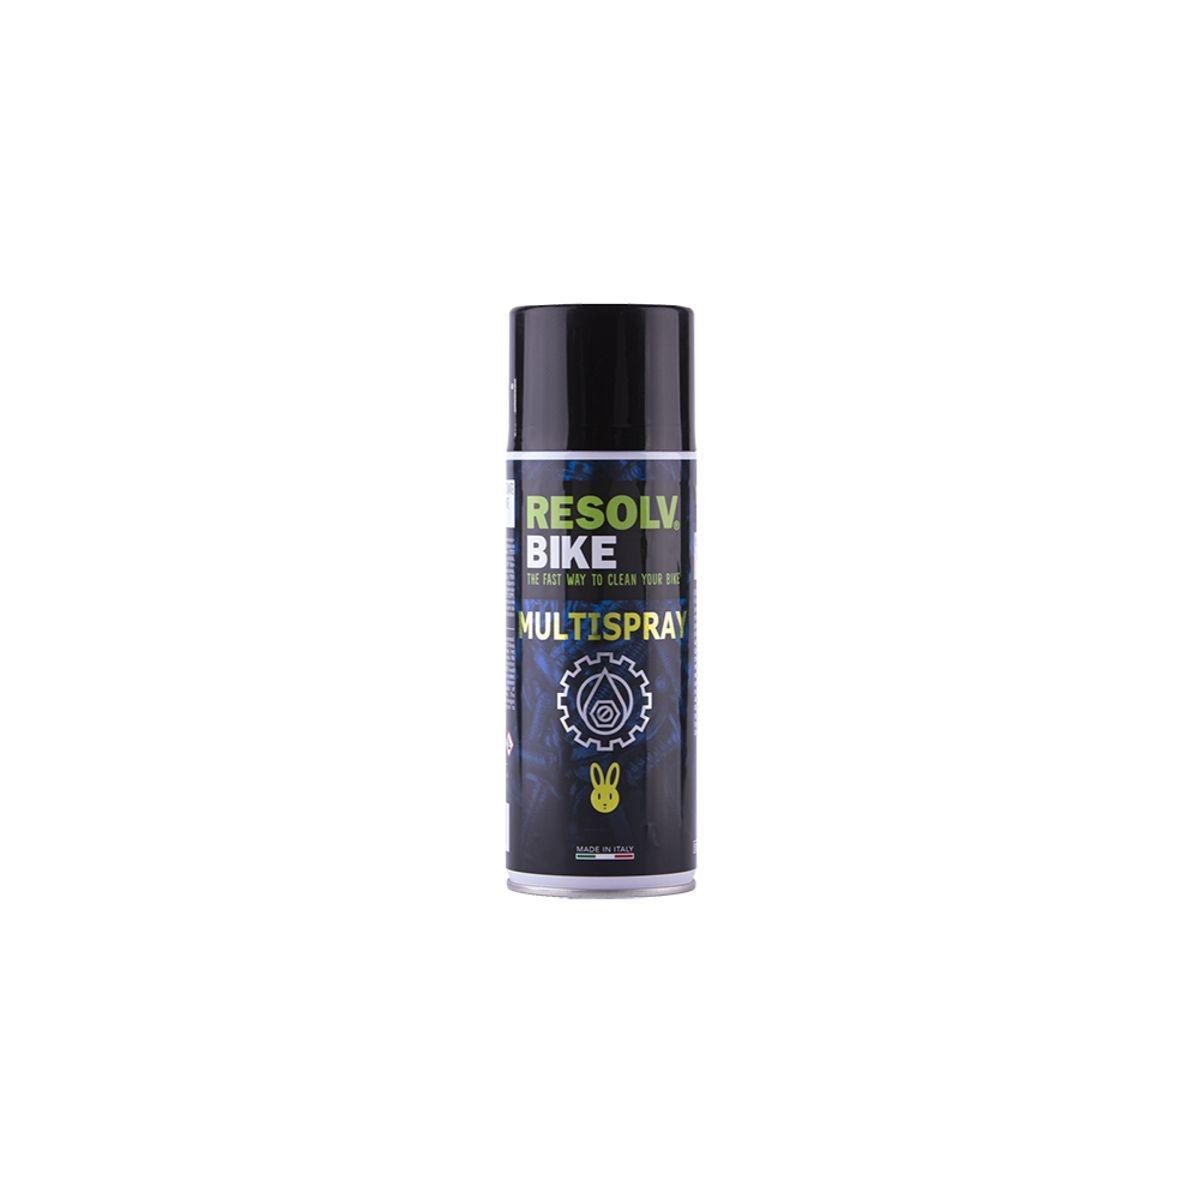 Multispray Protettivo 400ml Con 7 Funzioni Diverse